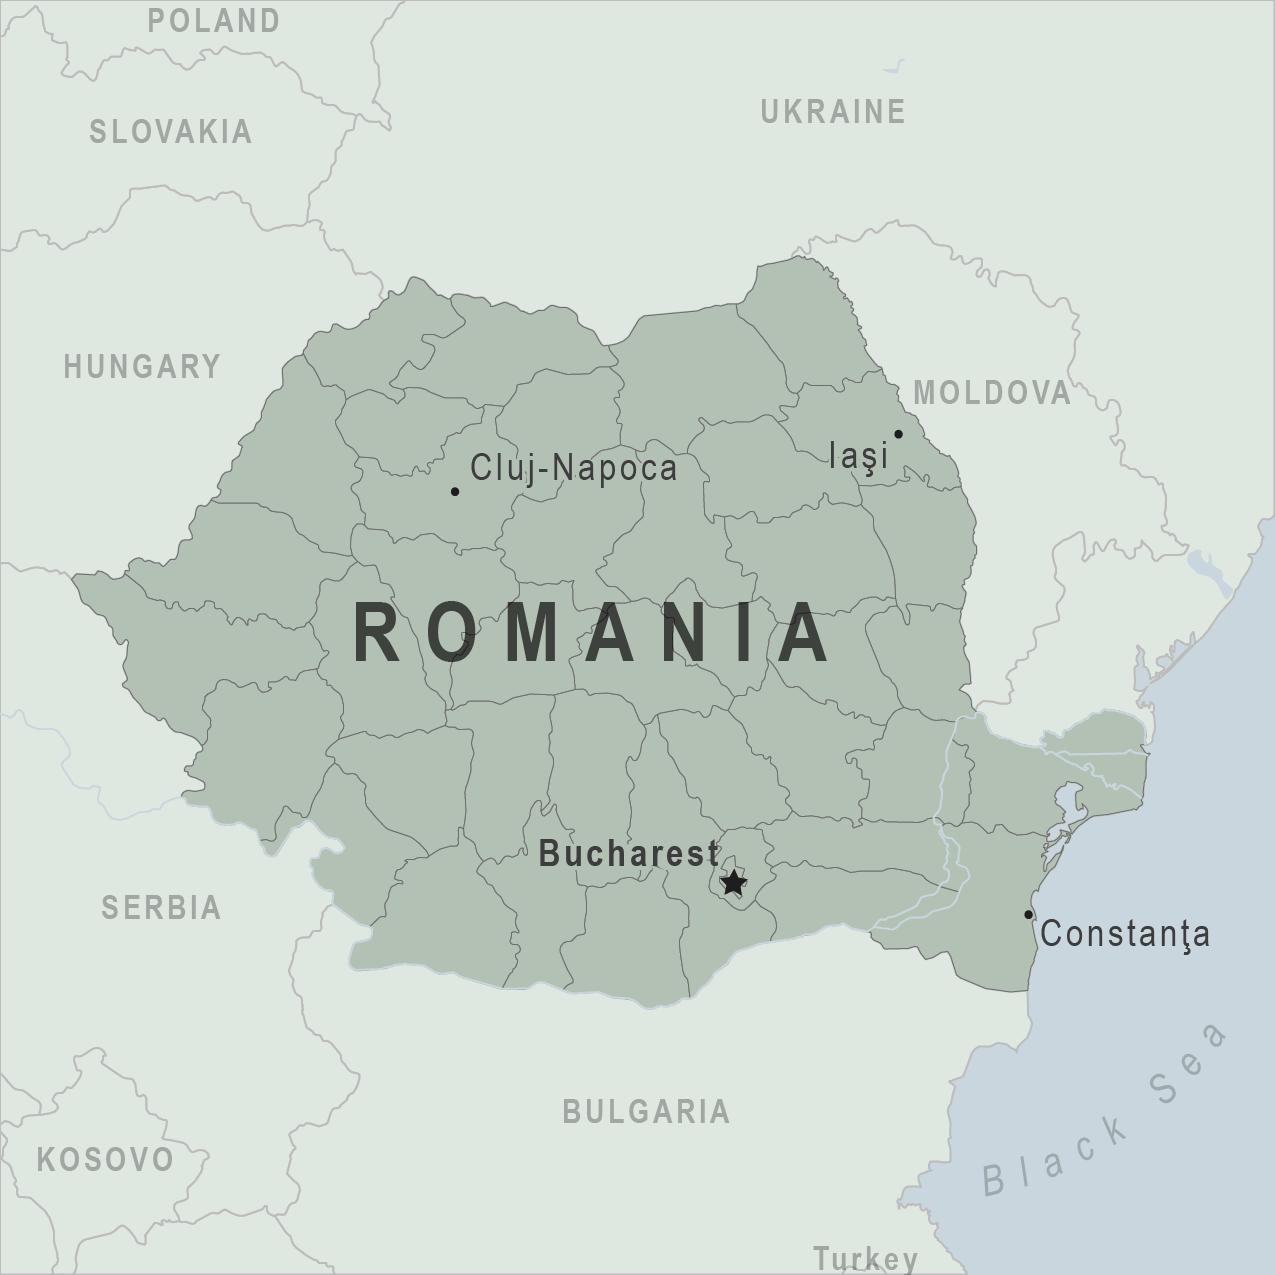 Faire progresser le droit de décider dans des conditions d'égalité en Roumanie